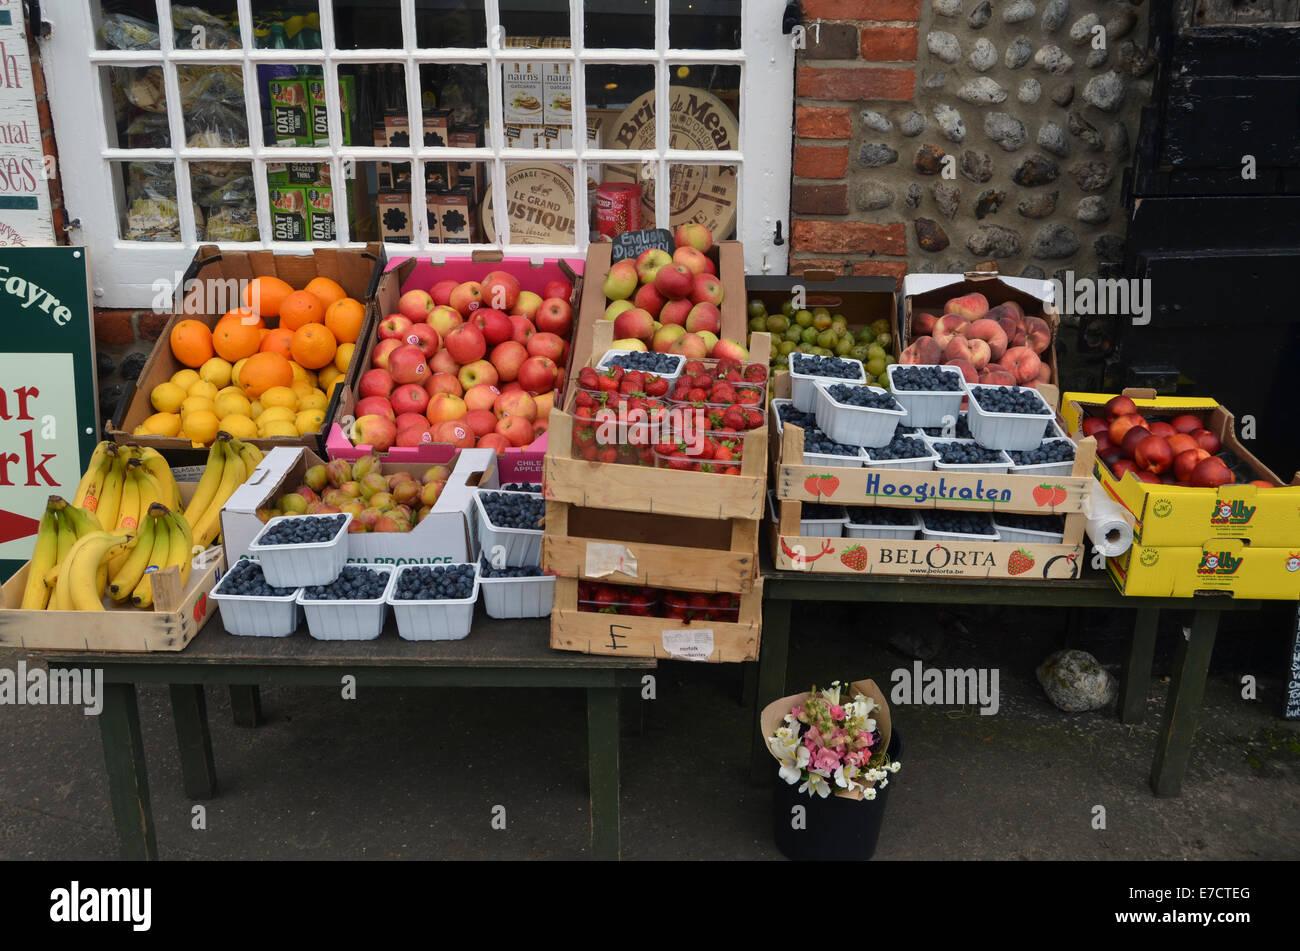 Tienda local, la venta de productos locales, principalmente Cley junto al mar, Norfolk Agosto de 2014 REINO UNIDO Imagen De Stock